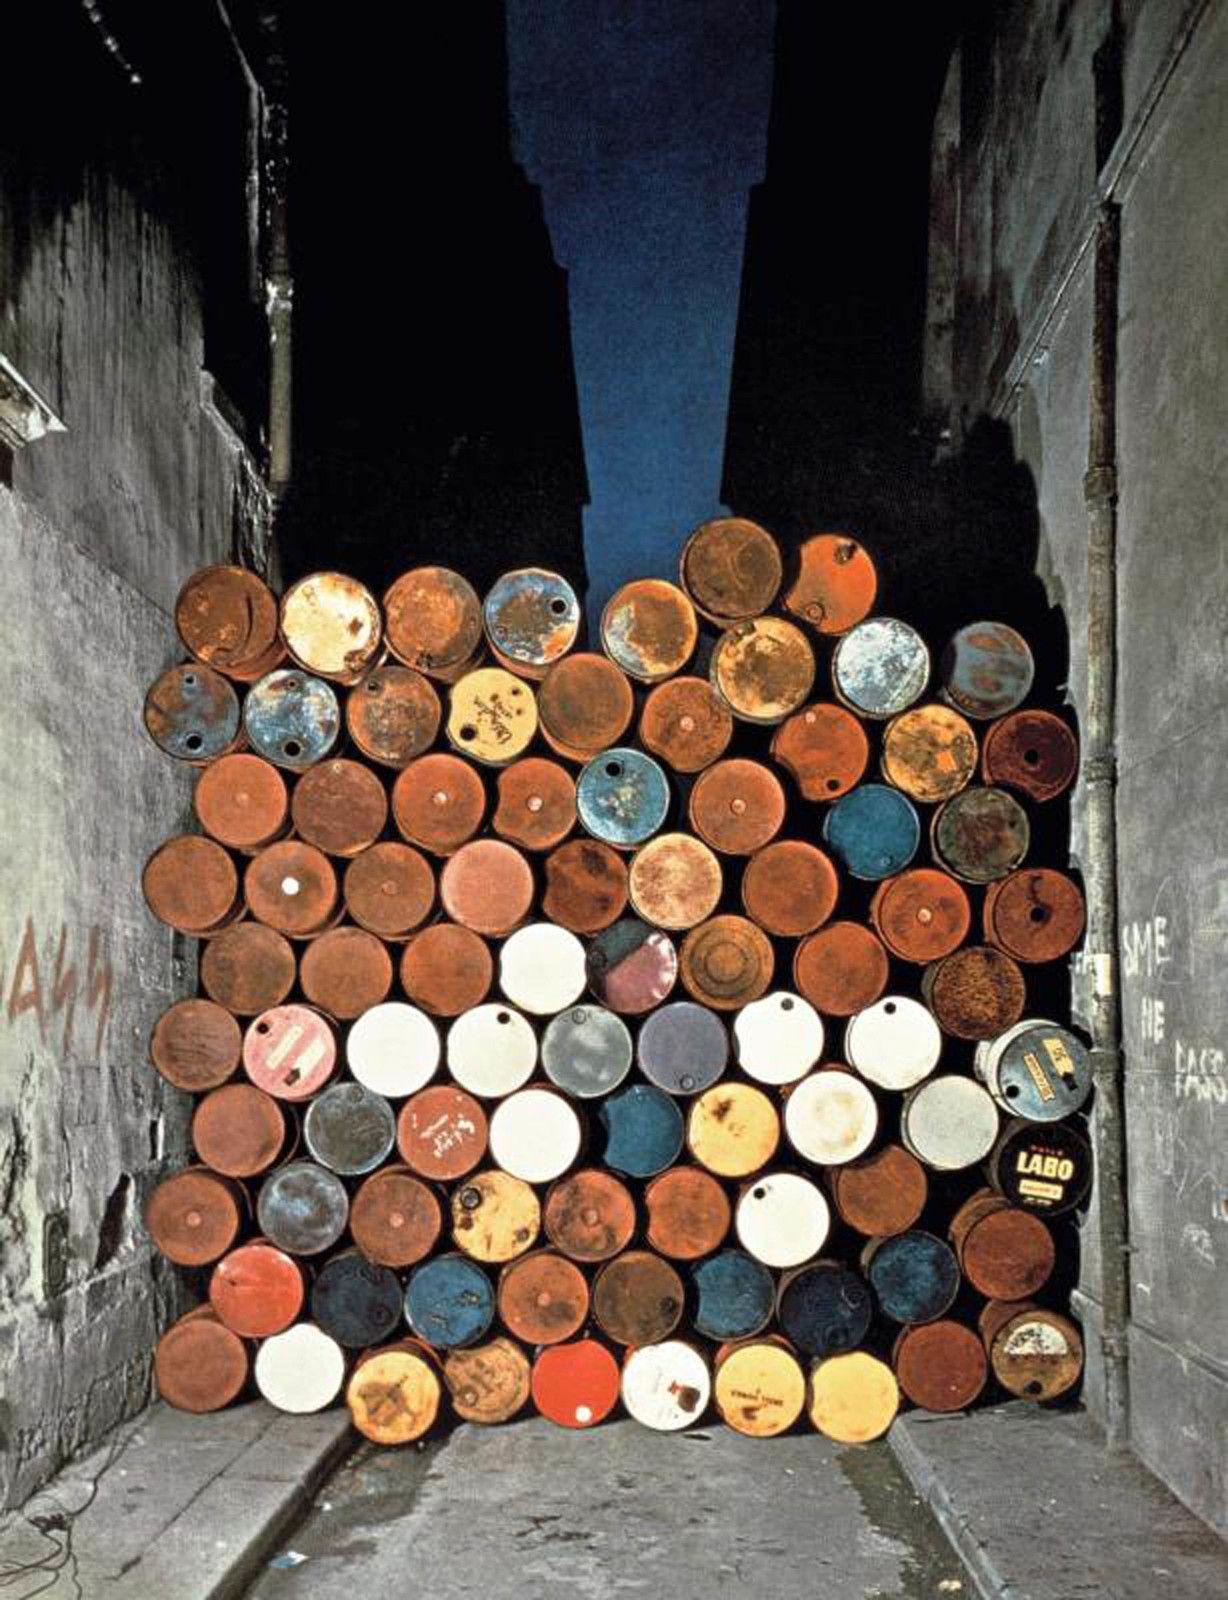 """""""Mur provisoire de tonneaux métalliques. Le Rideau de fer, rue Visconti, Paris, 27 juin 1962"""" de CHRISTO et JEANNE-CLAUDE - Courtesy Centre Pompidou"""